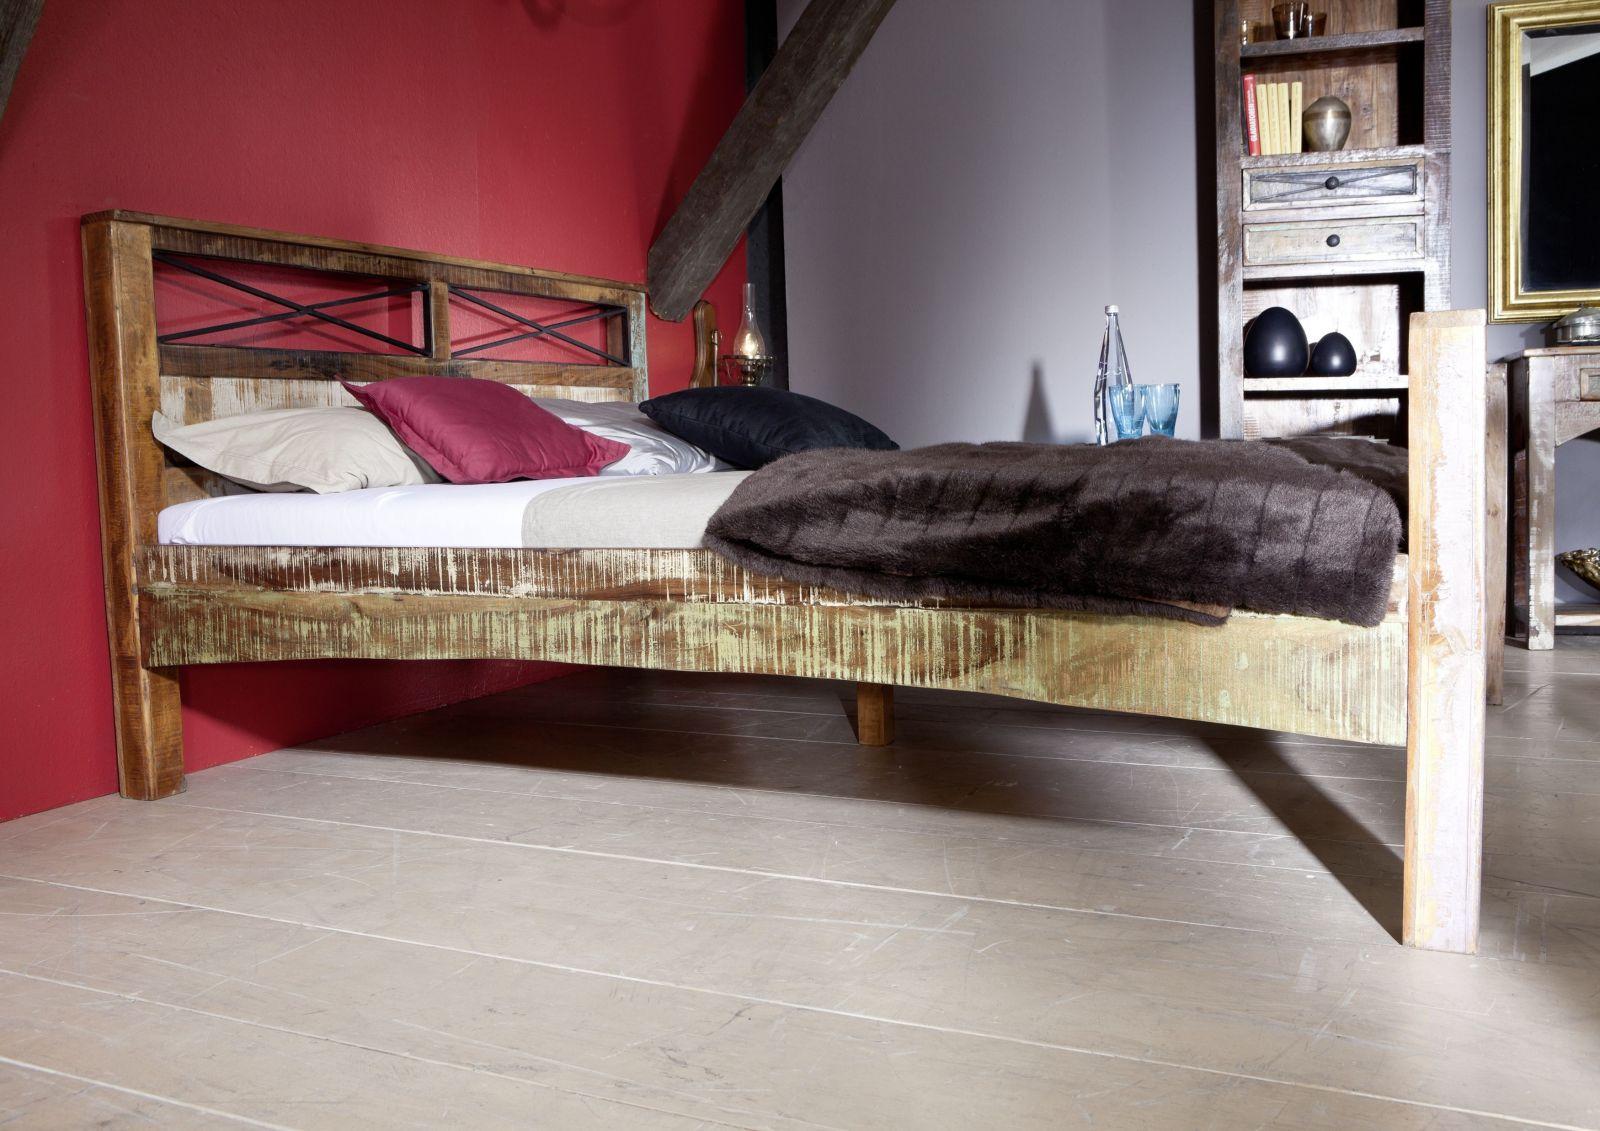 Full Size of Ausgefallene Betten Versandfrei Kaufen Massivmoebel24 Außergewöhnliche Meise Ruf Somnus Rauch Hohe Mit Aufbewahrung Hamburg überlänge Ohne Kopfteil Moebel Bett Ausgefallene Betten